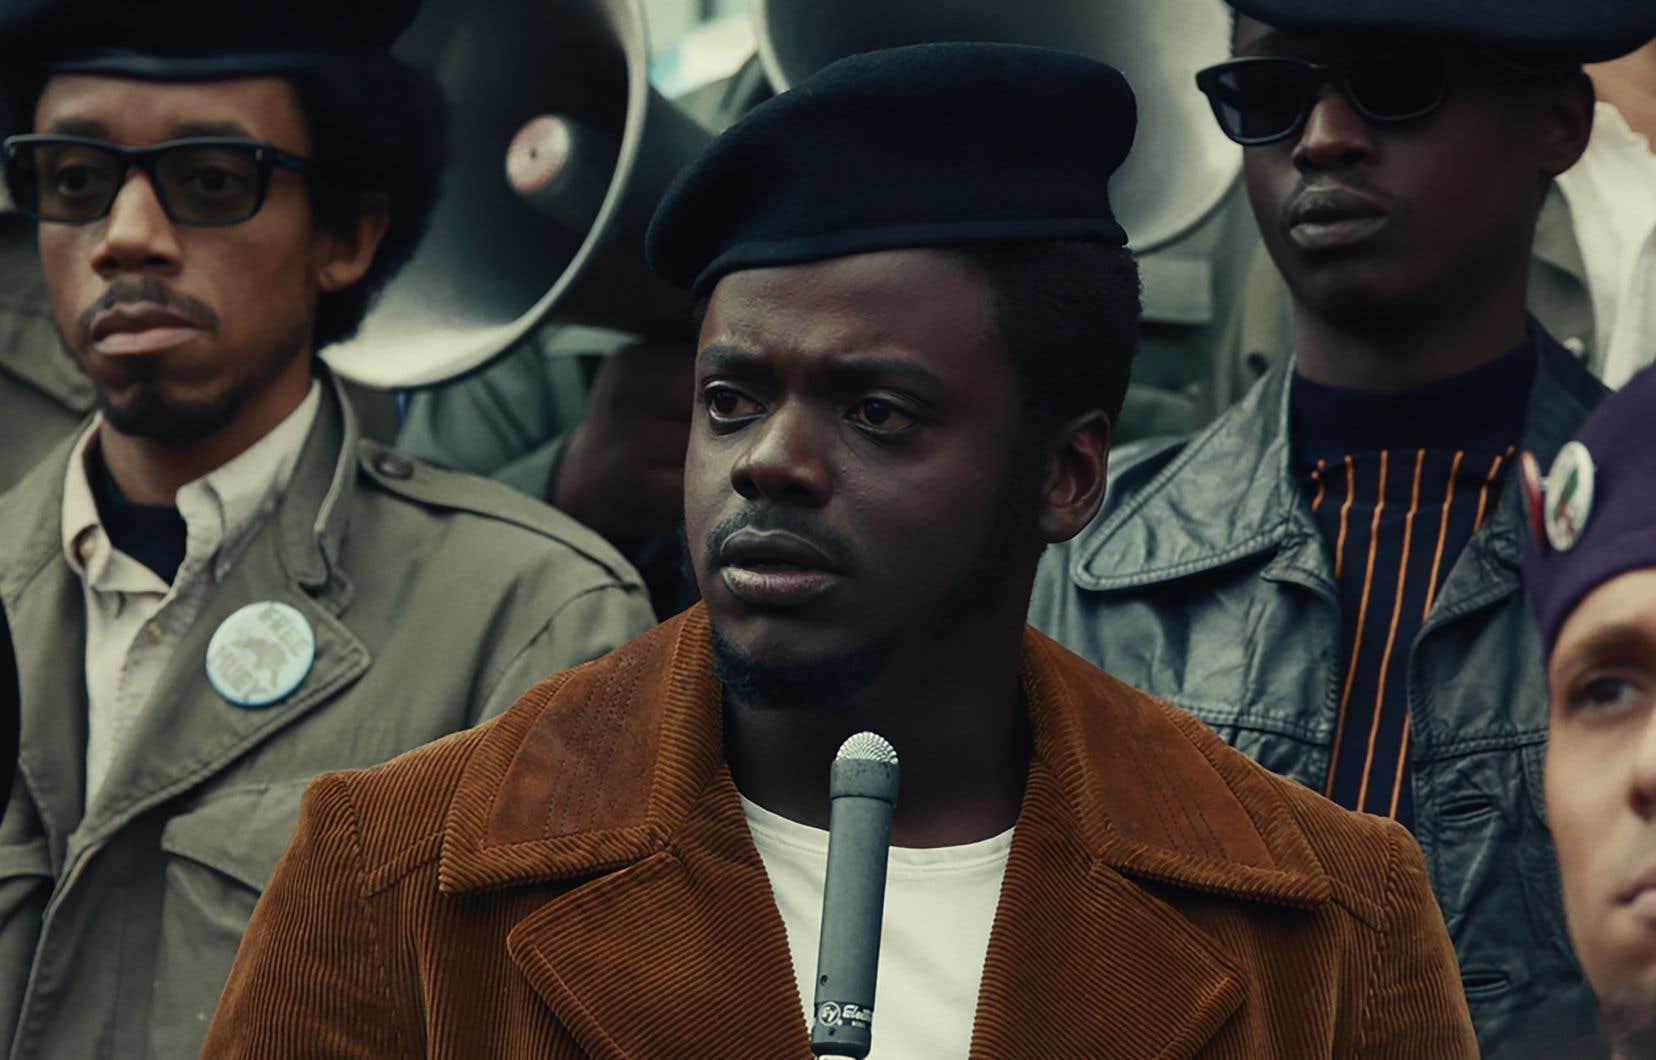 Le «Judas», traître le plus célèbre de l'Histoire, est ici William «Bill» O'Neal, un voleur de voitures qui commet ses forfaits en se faisant passer pour… un agent du FBI.